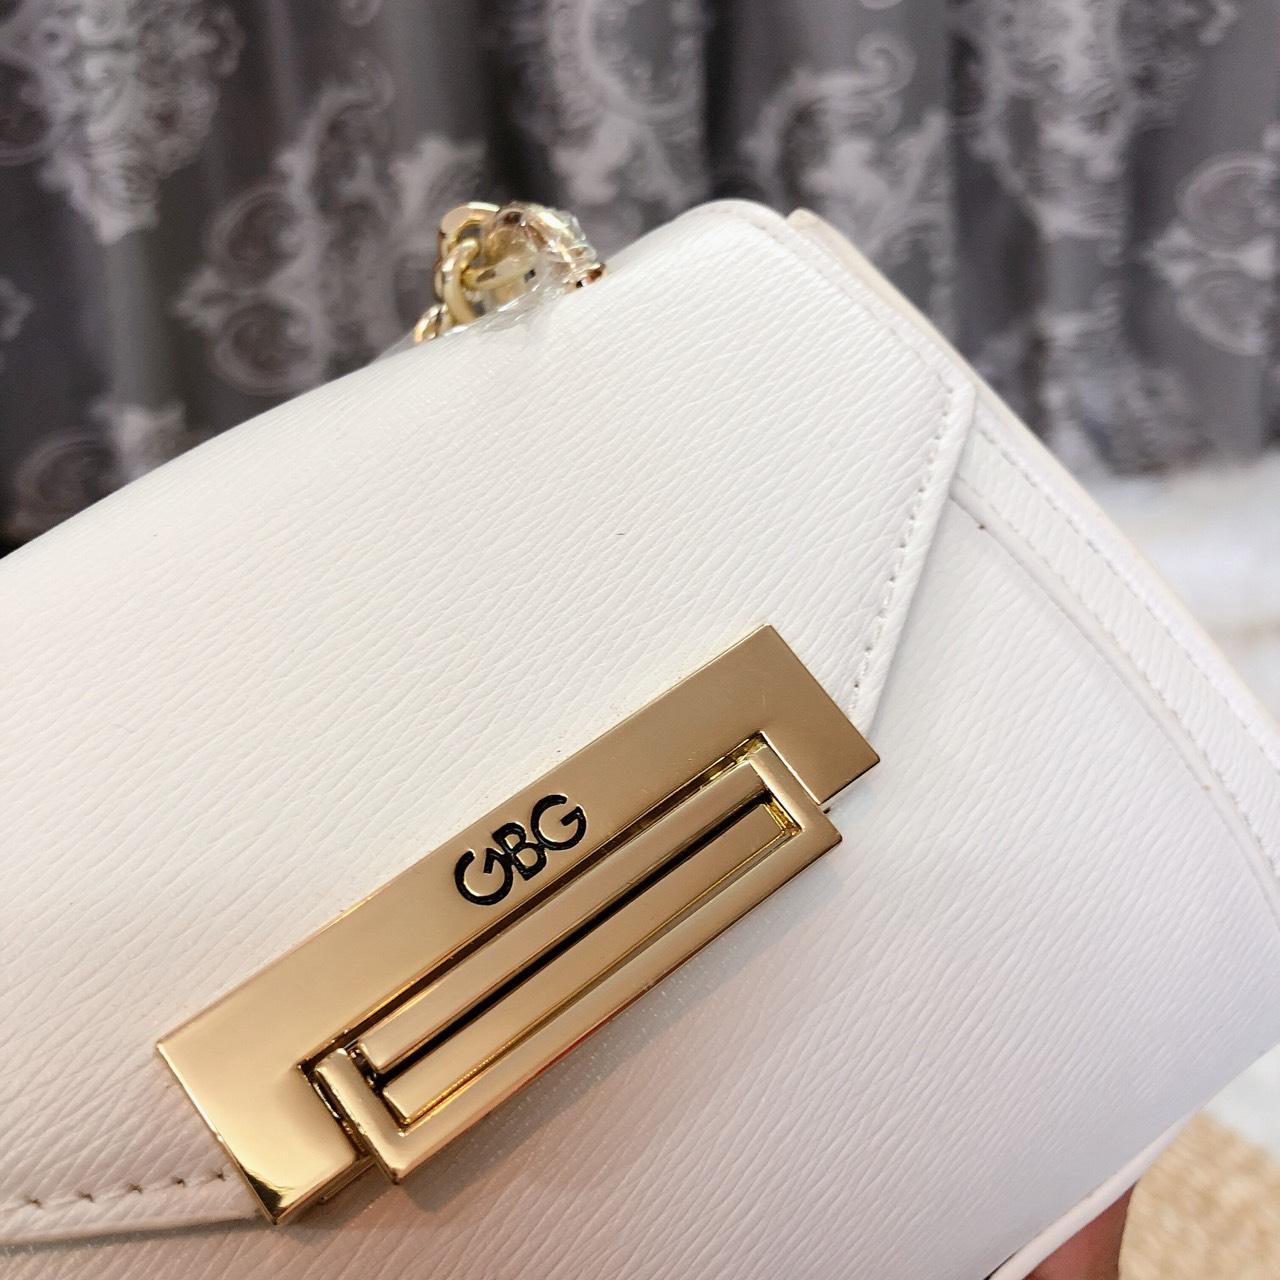 Túi GBG hộp khóa bản to gập - G009